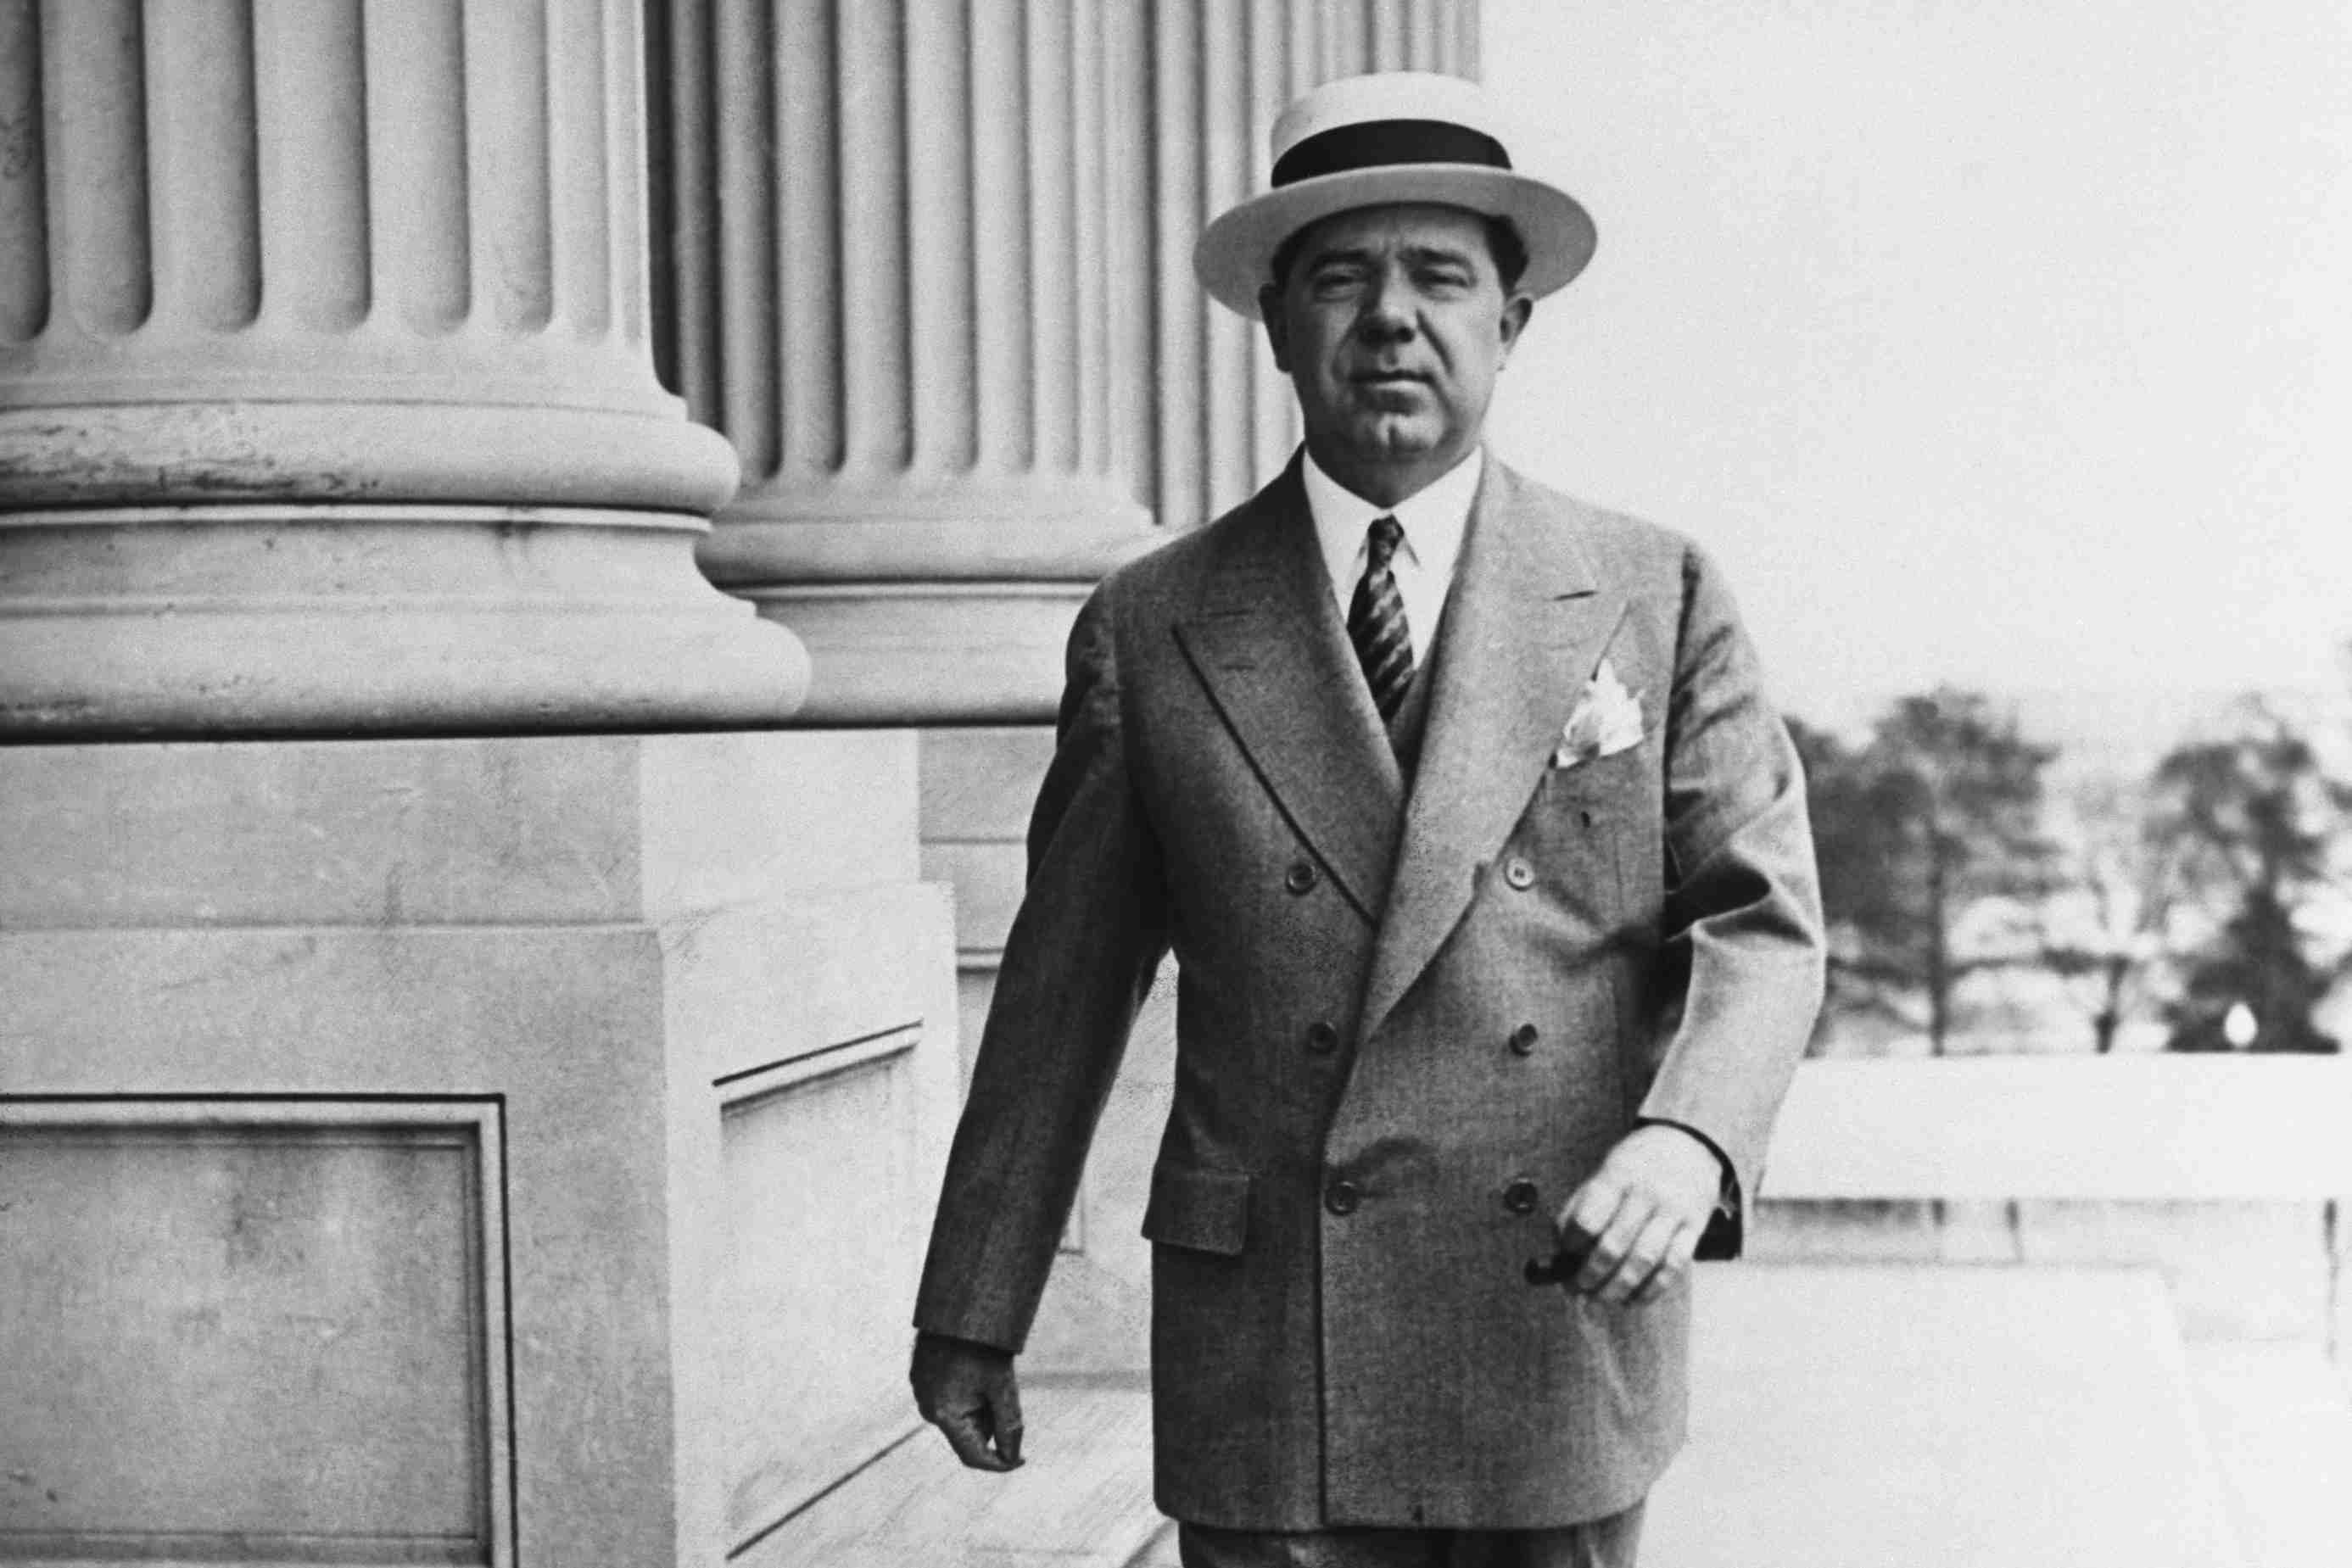 photograph of Senator Huey Long